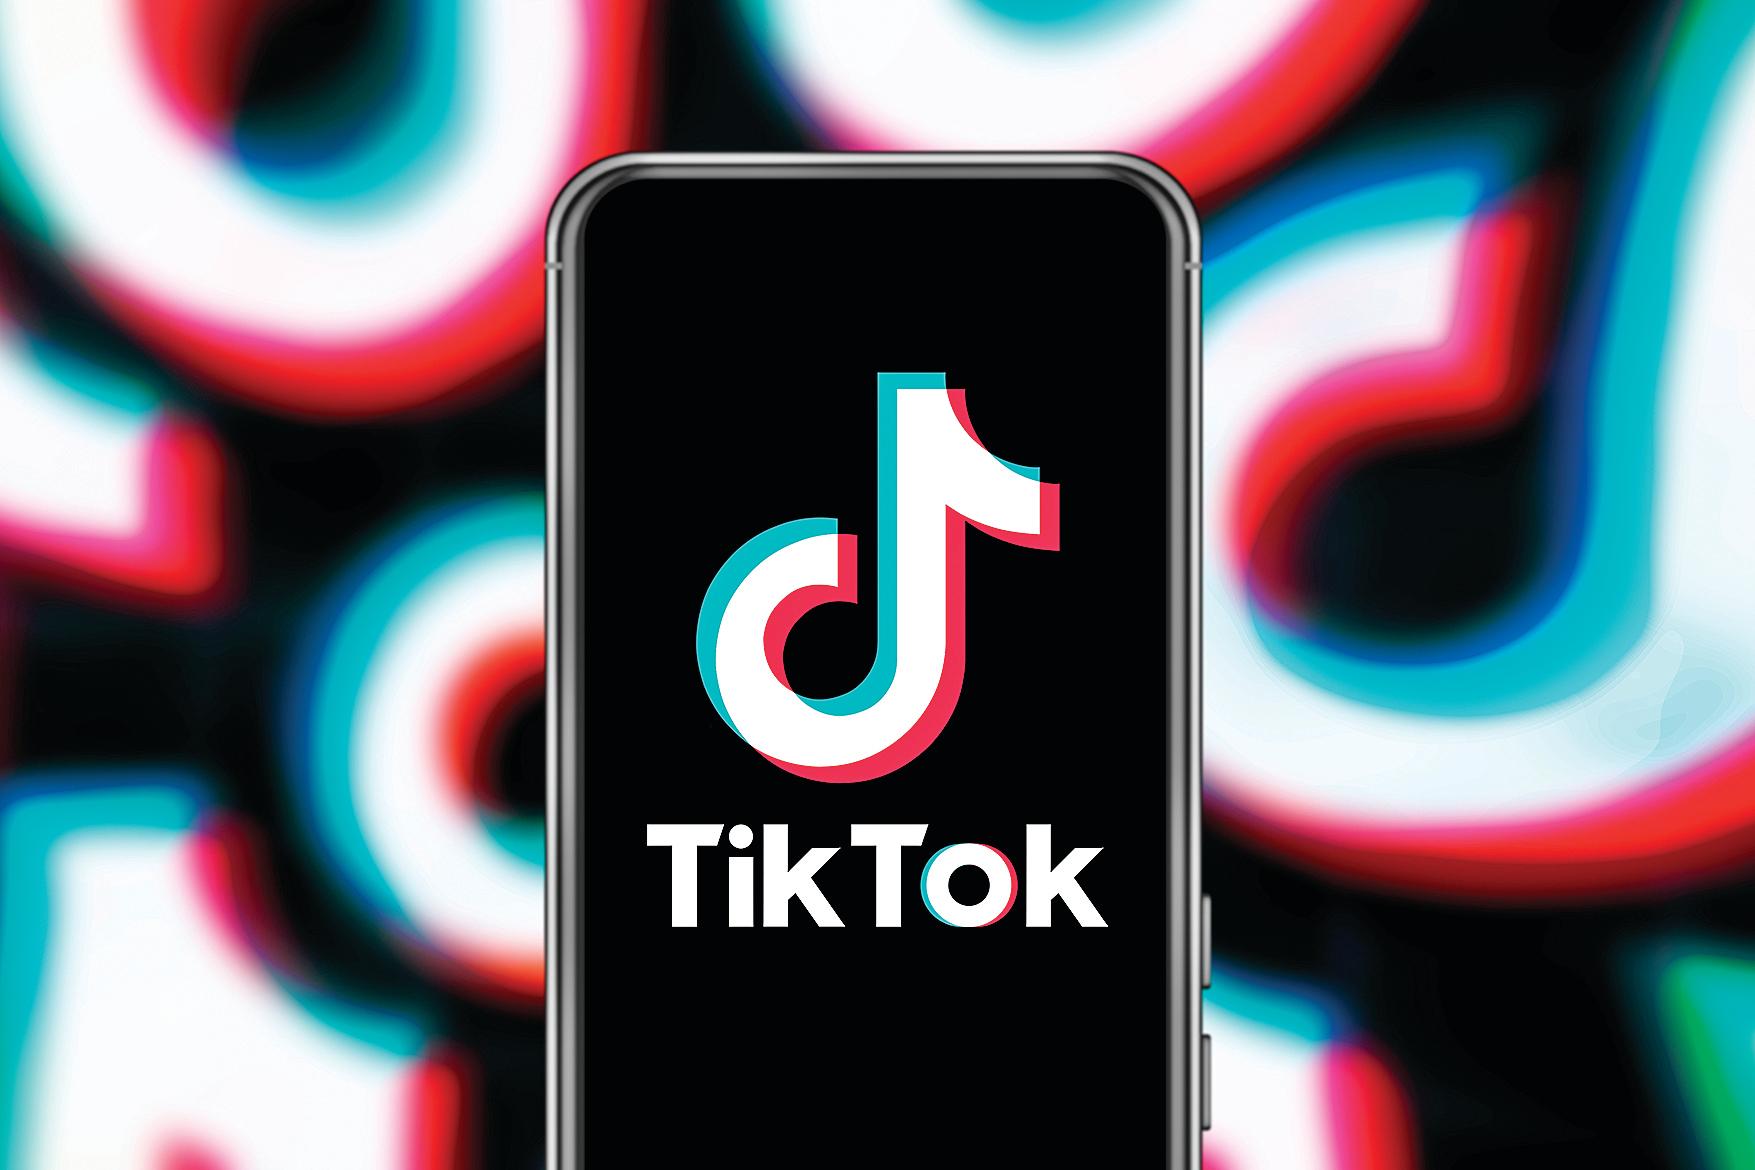 一支手機上顯示的TicTok標誌。(Shutterstock)